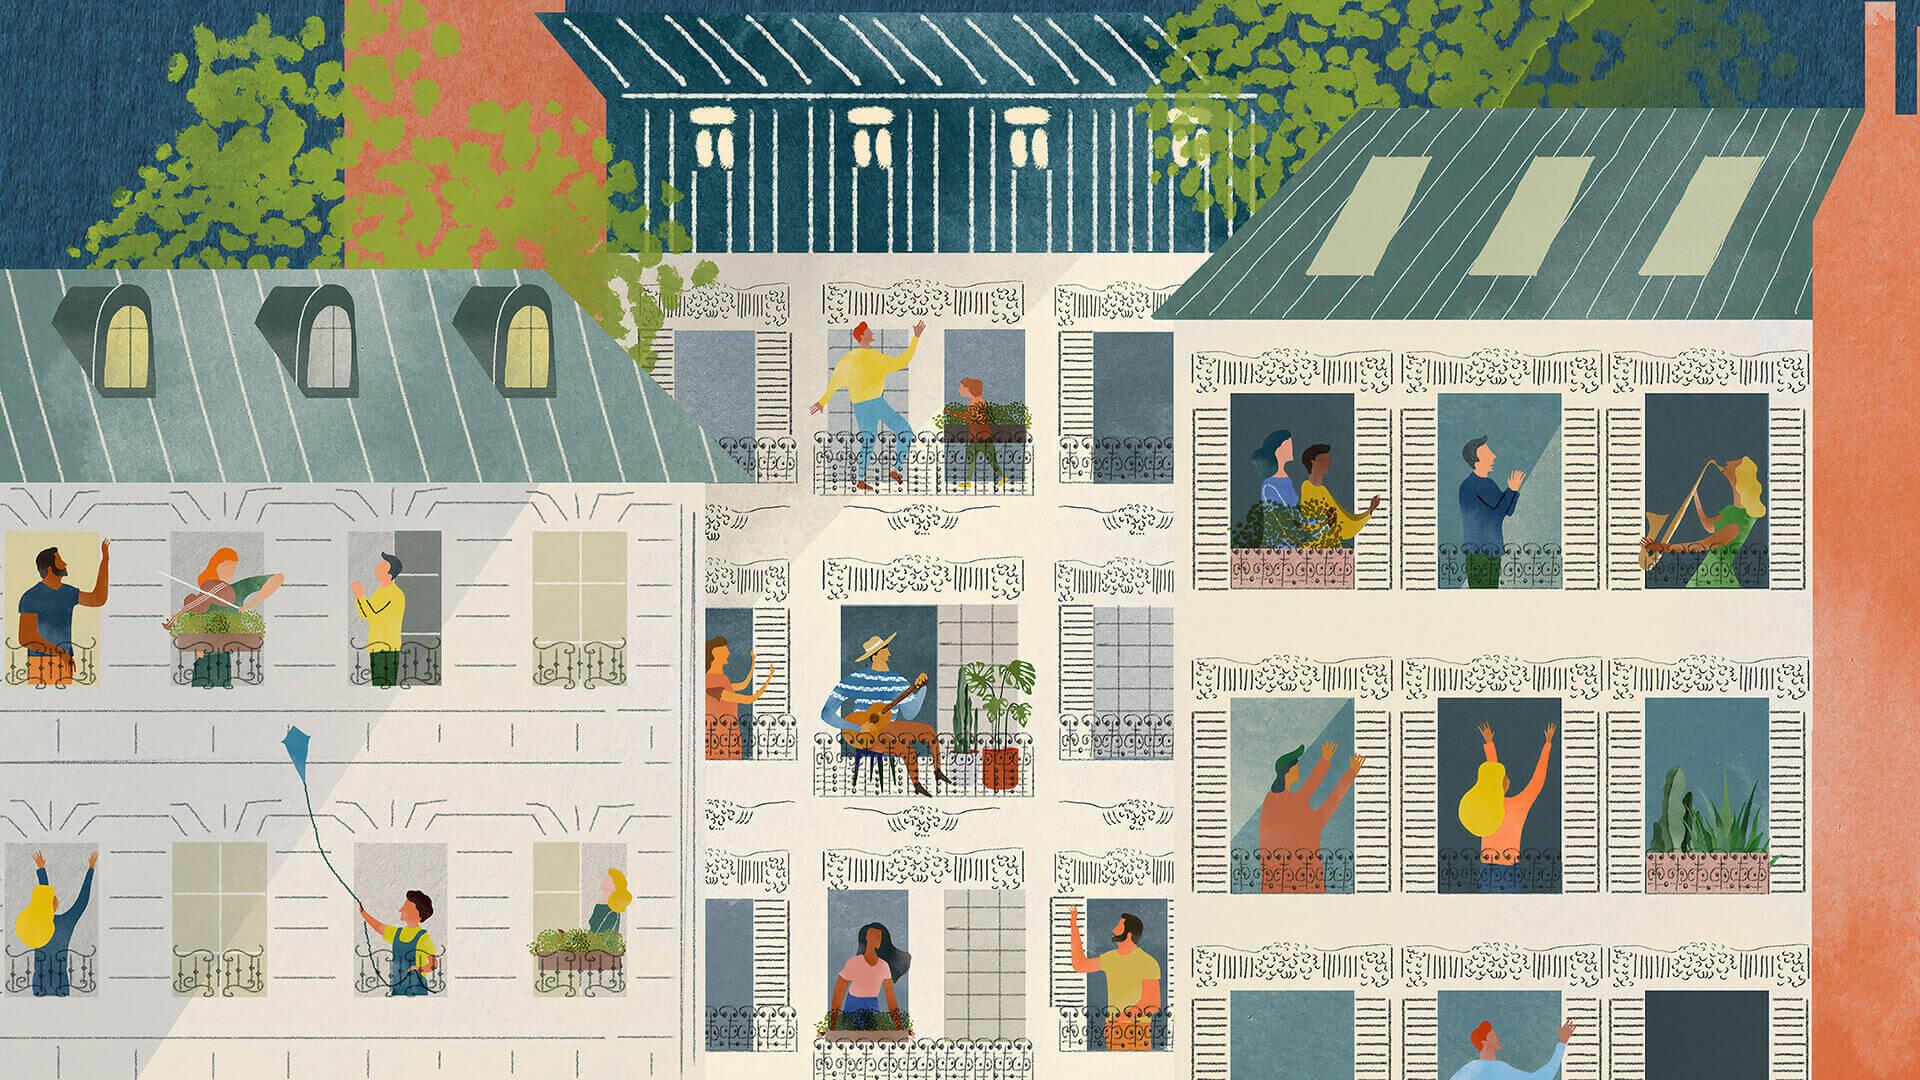 desenho de prédios com pessoas à janela